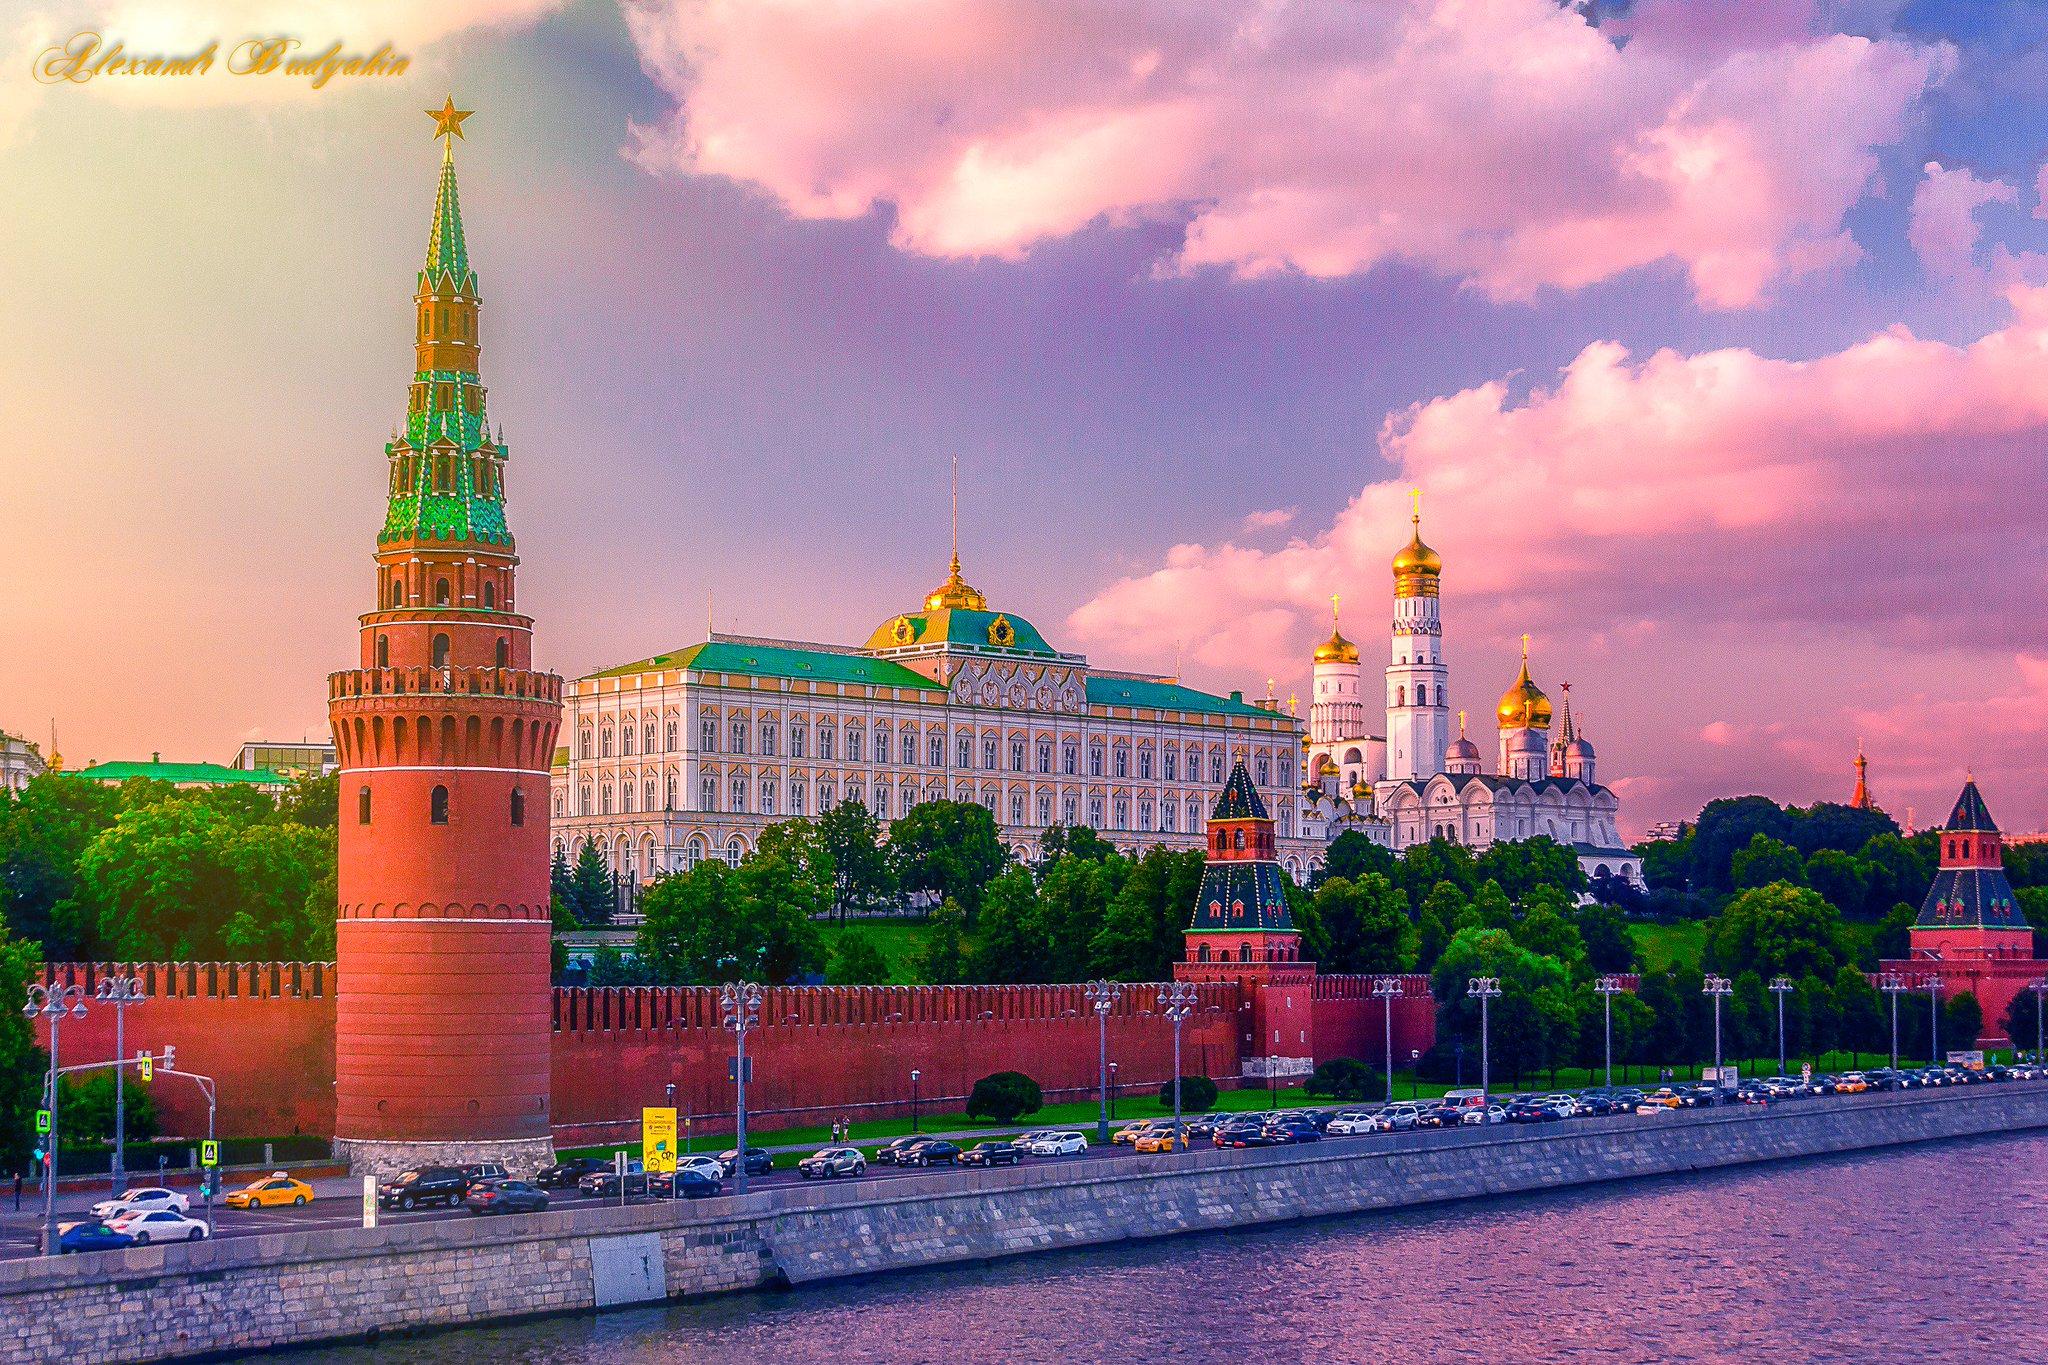 лучшие фото москвы и кремля дата